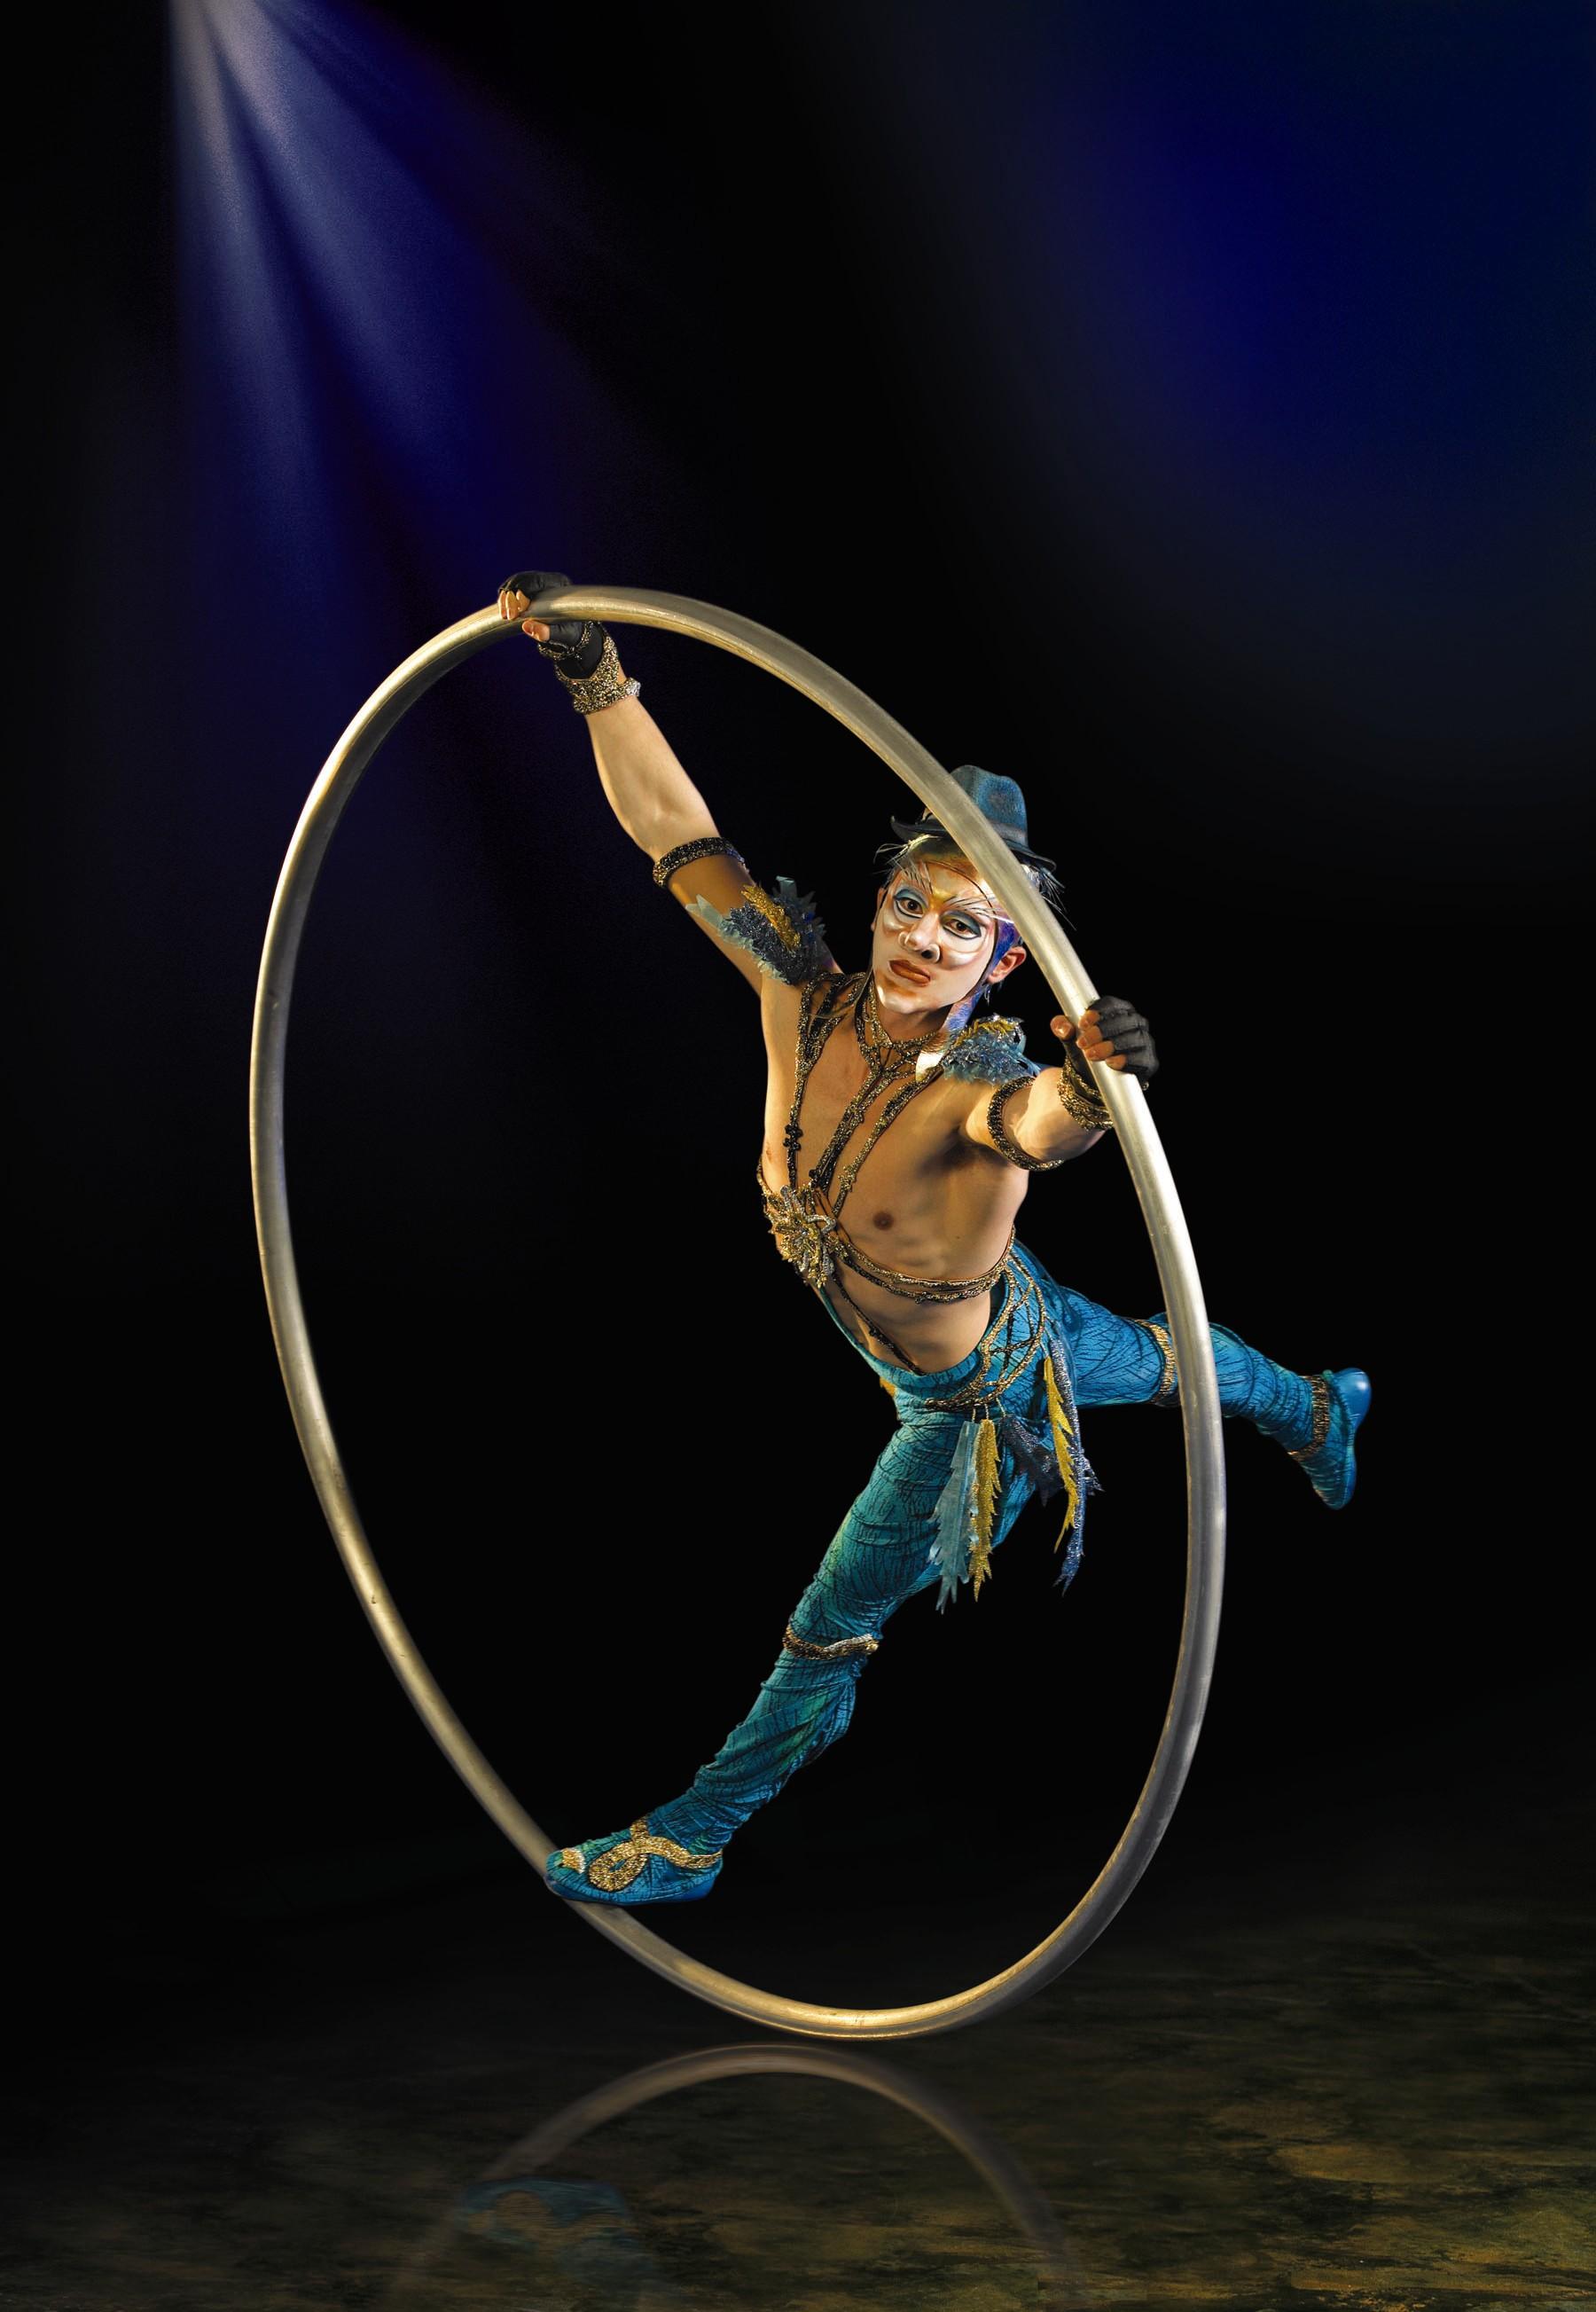 Cirque Du Soleil Cyr Wheel